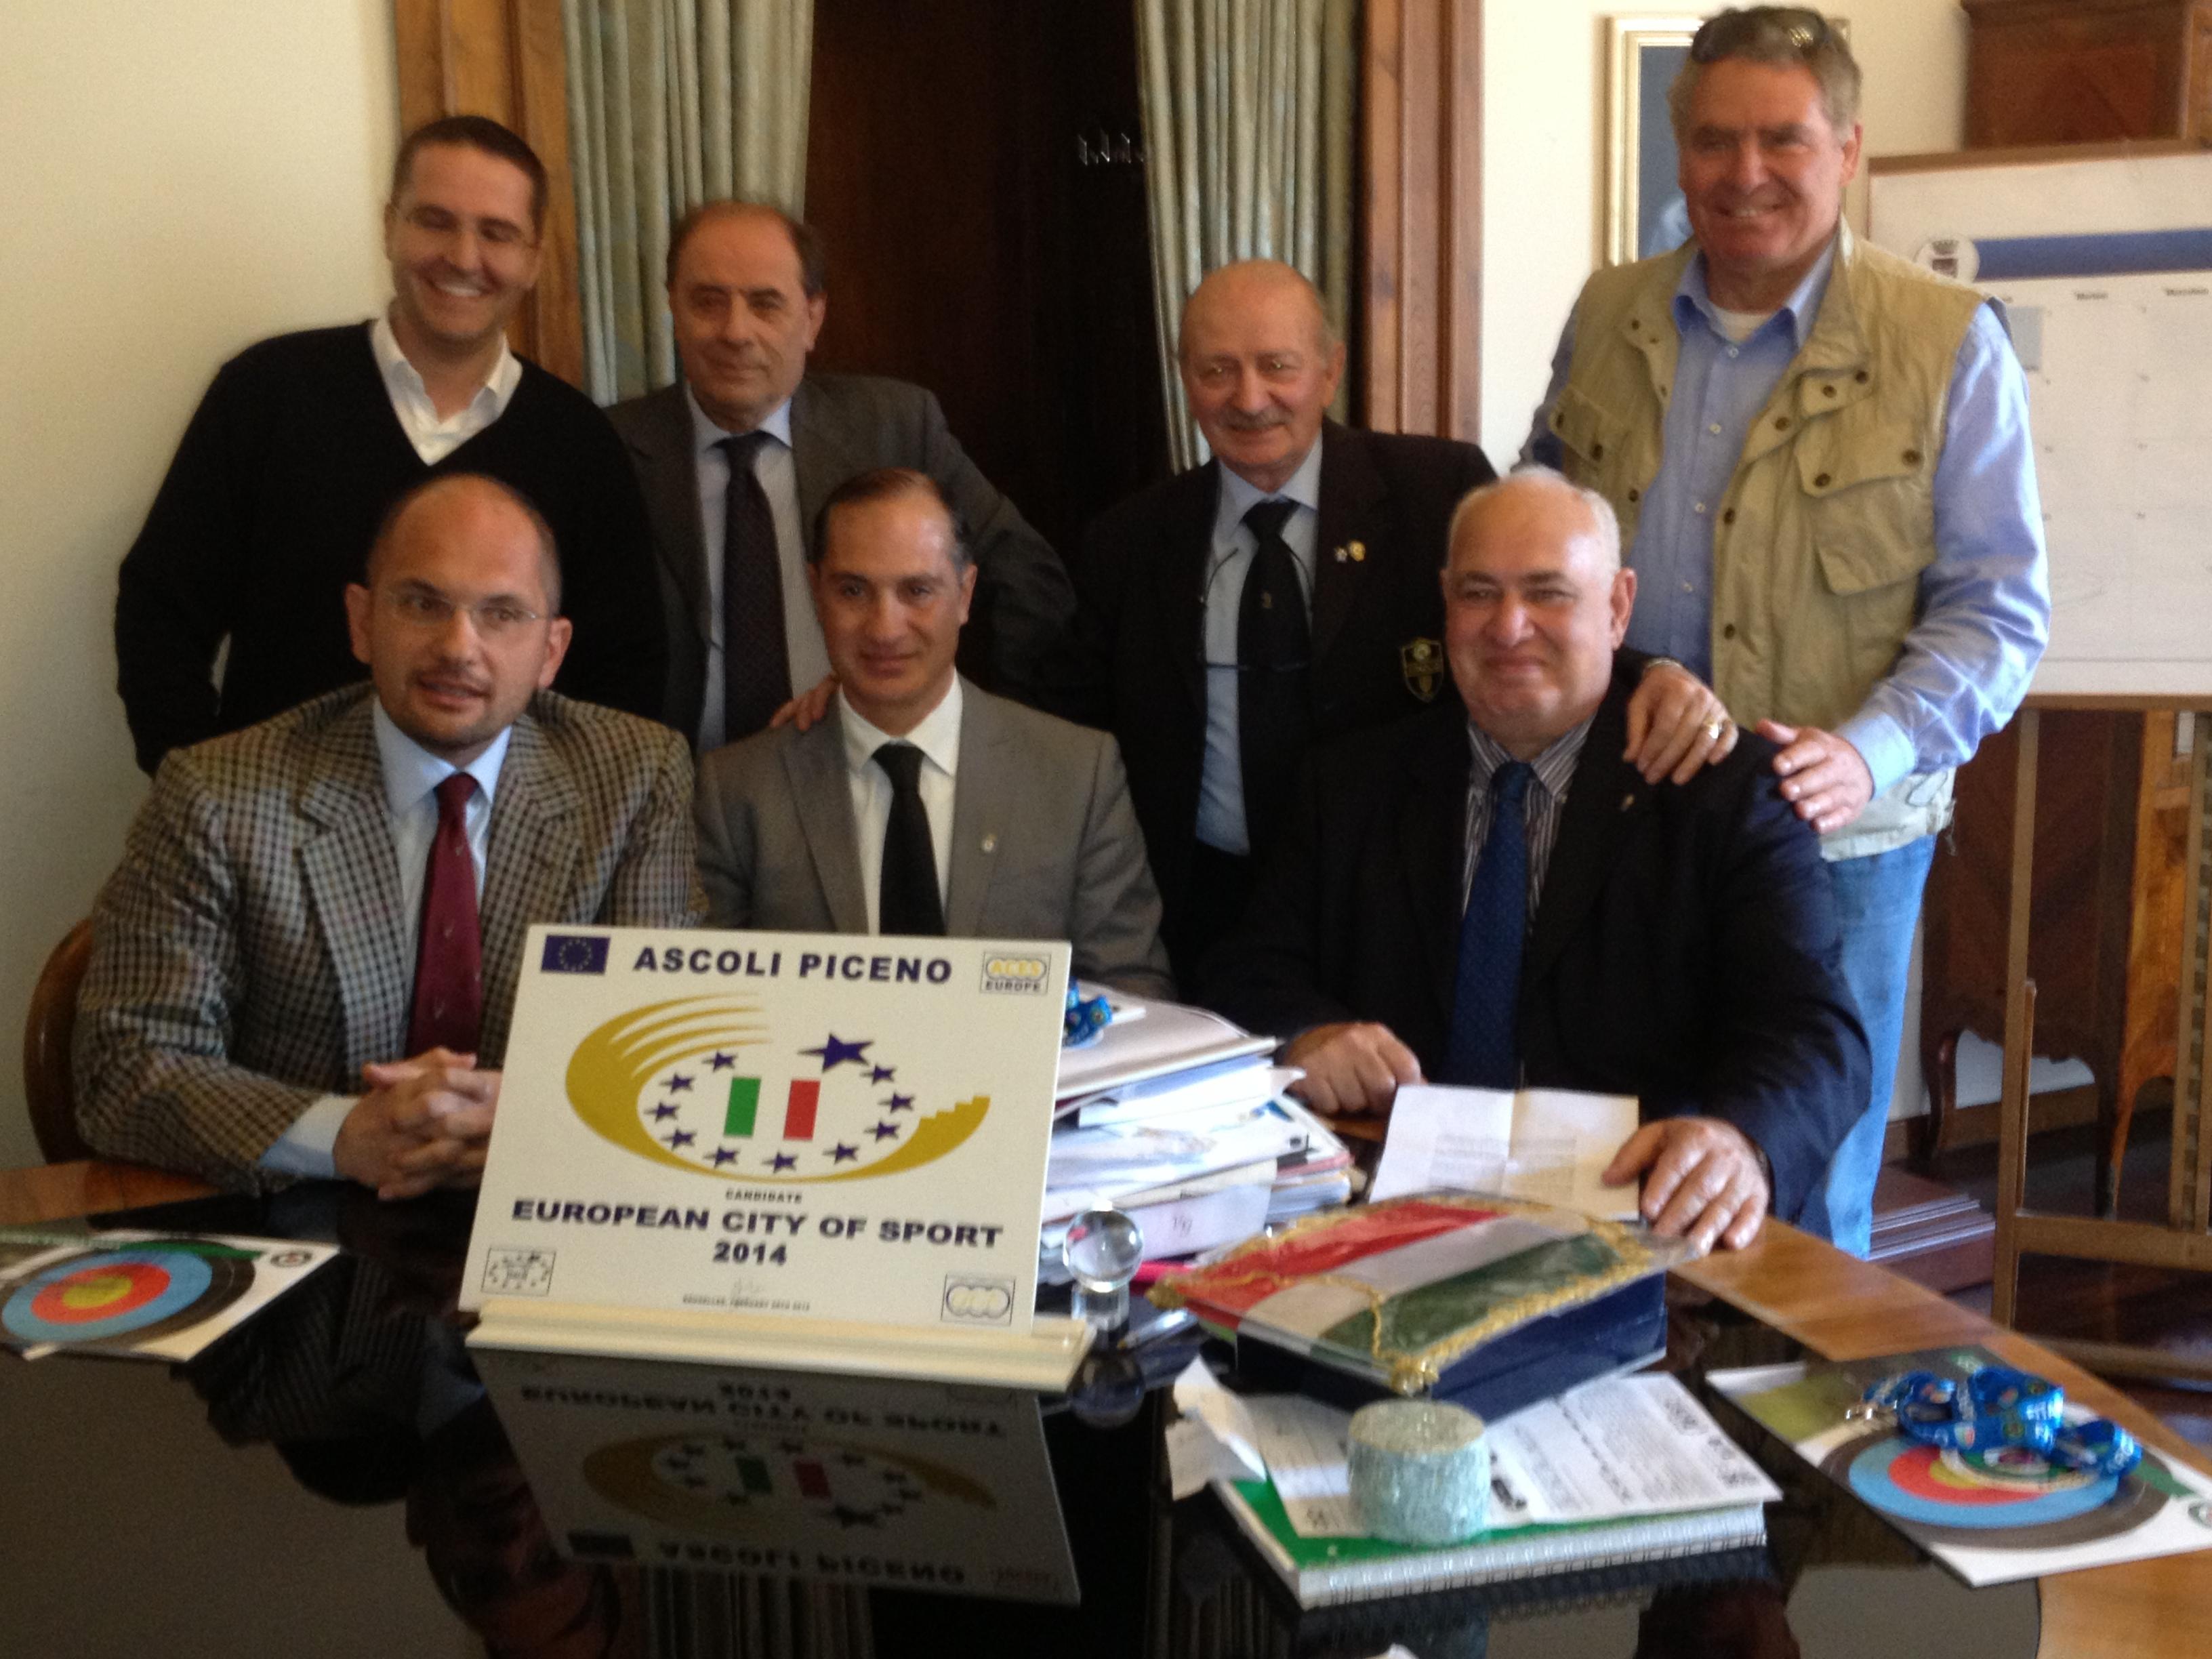 il sindaco castelli, gli assessori brugni ed olivieri con i rappresentanti della manifestazione